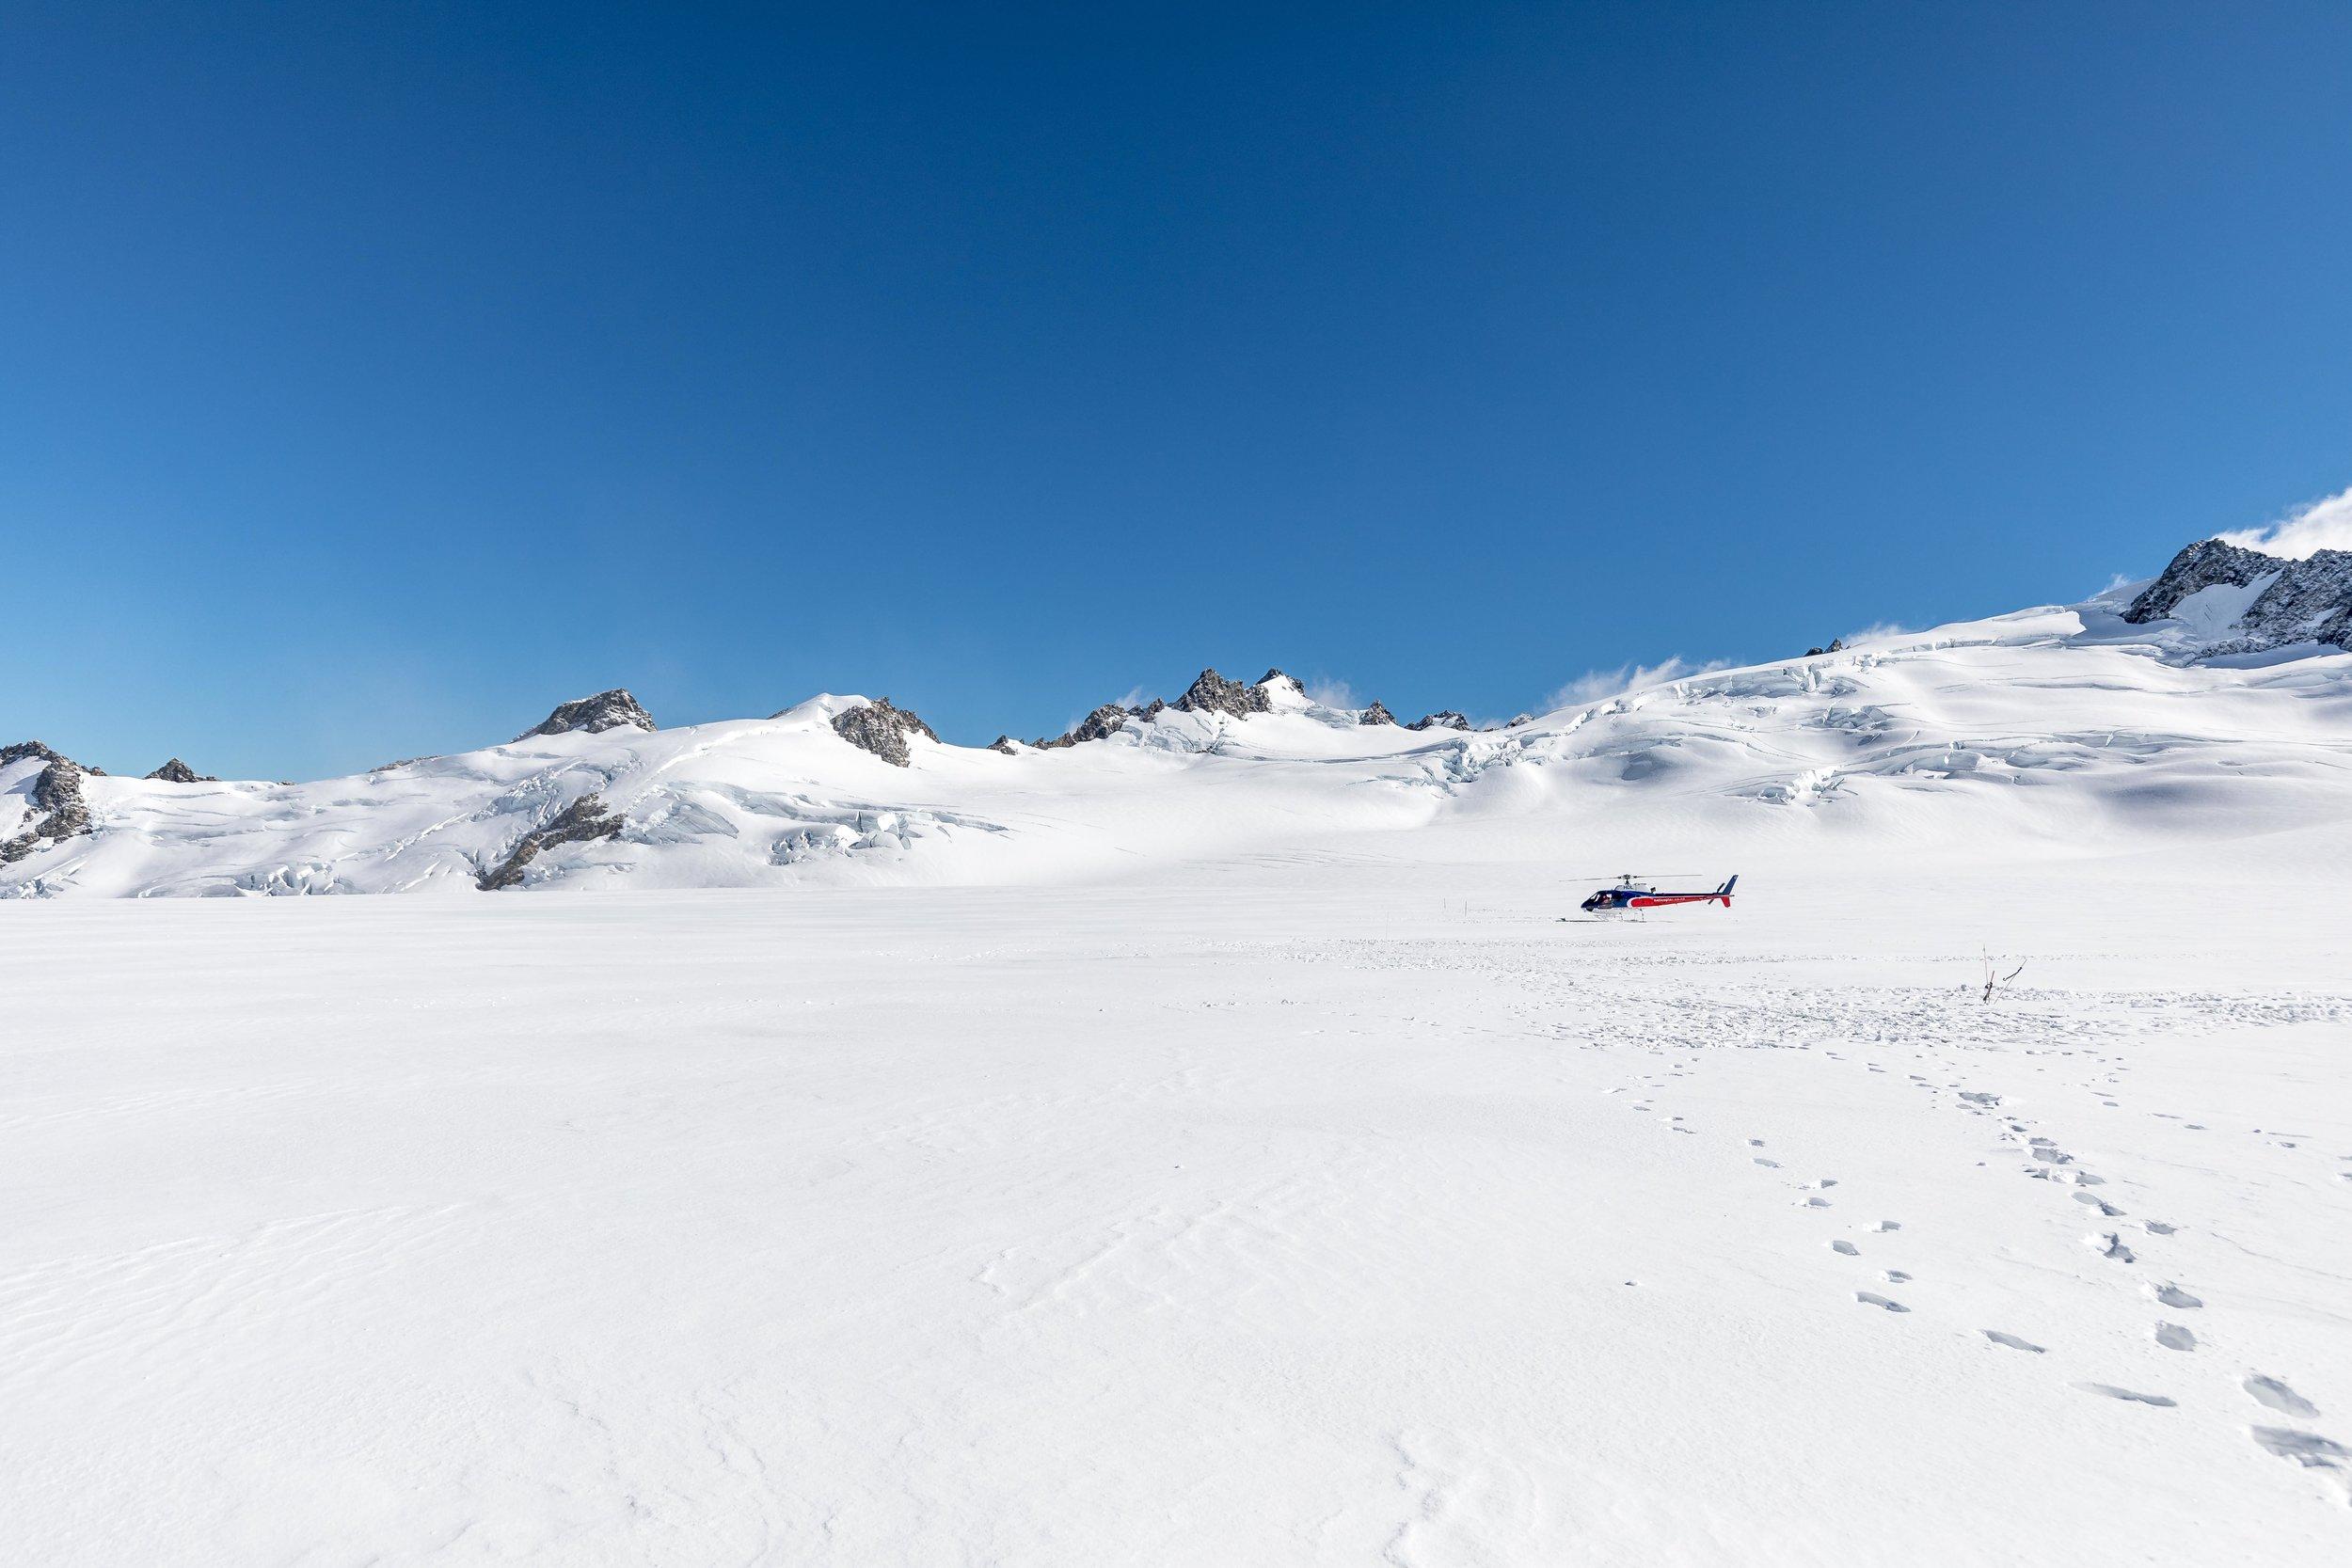 Heli-hiking on Franz Josef Glacier, New Zealand